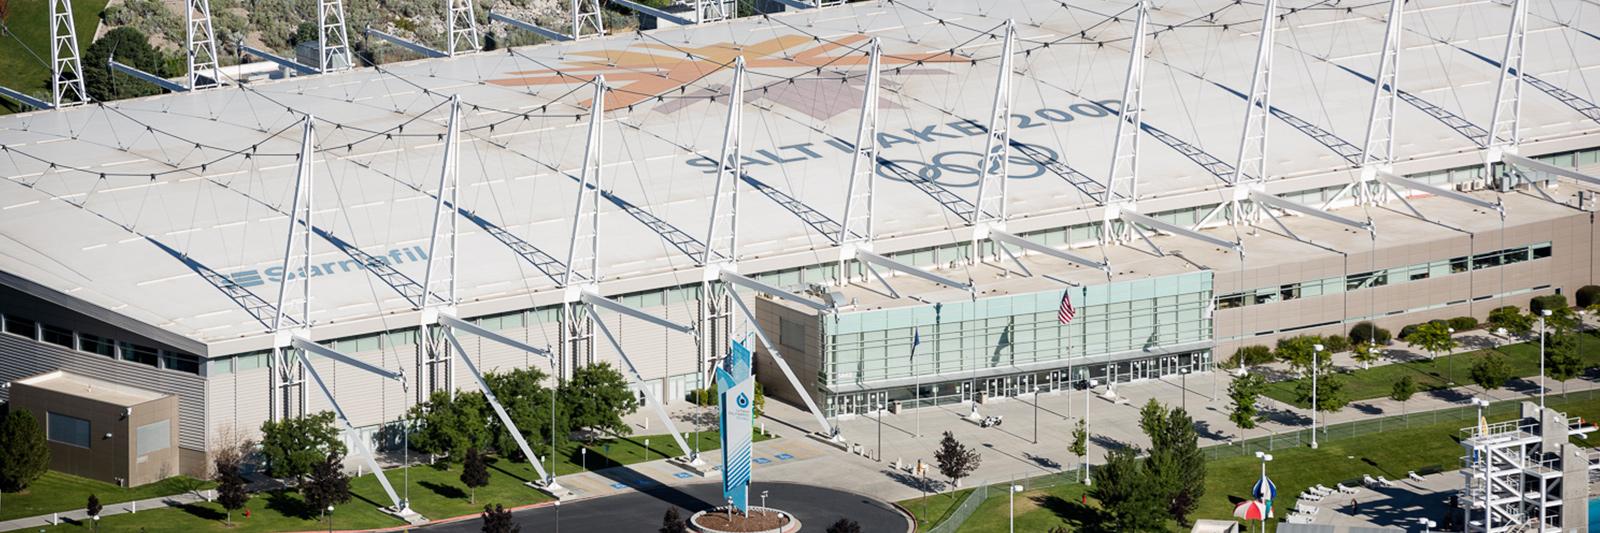 Utah-Olympic-Oval2.jpg